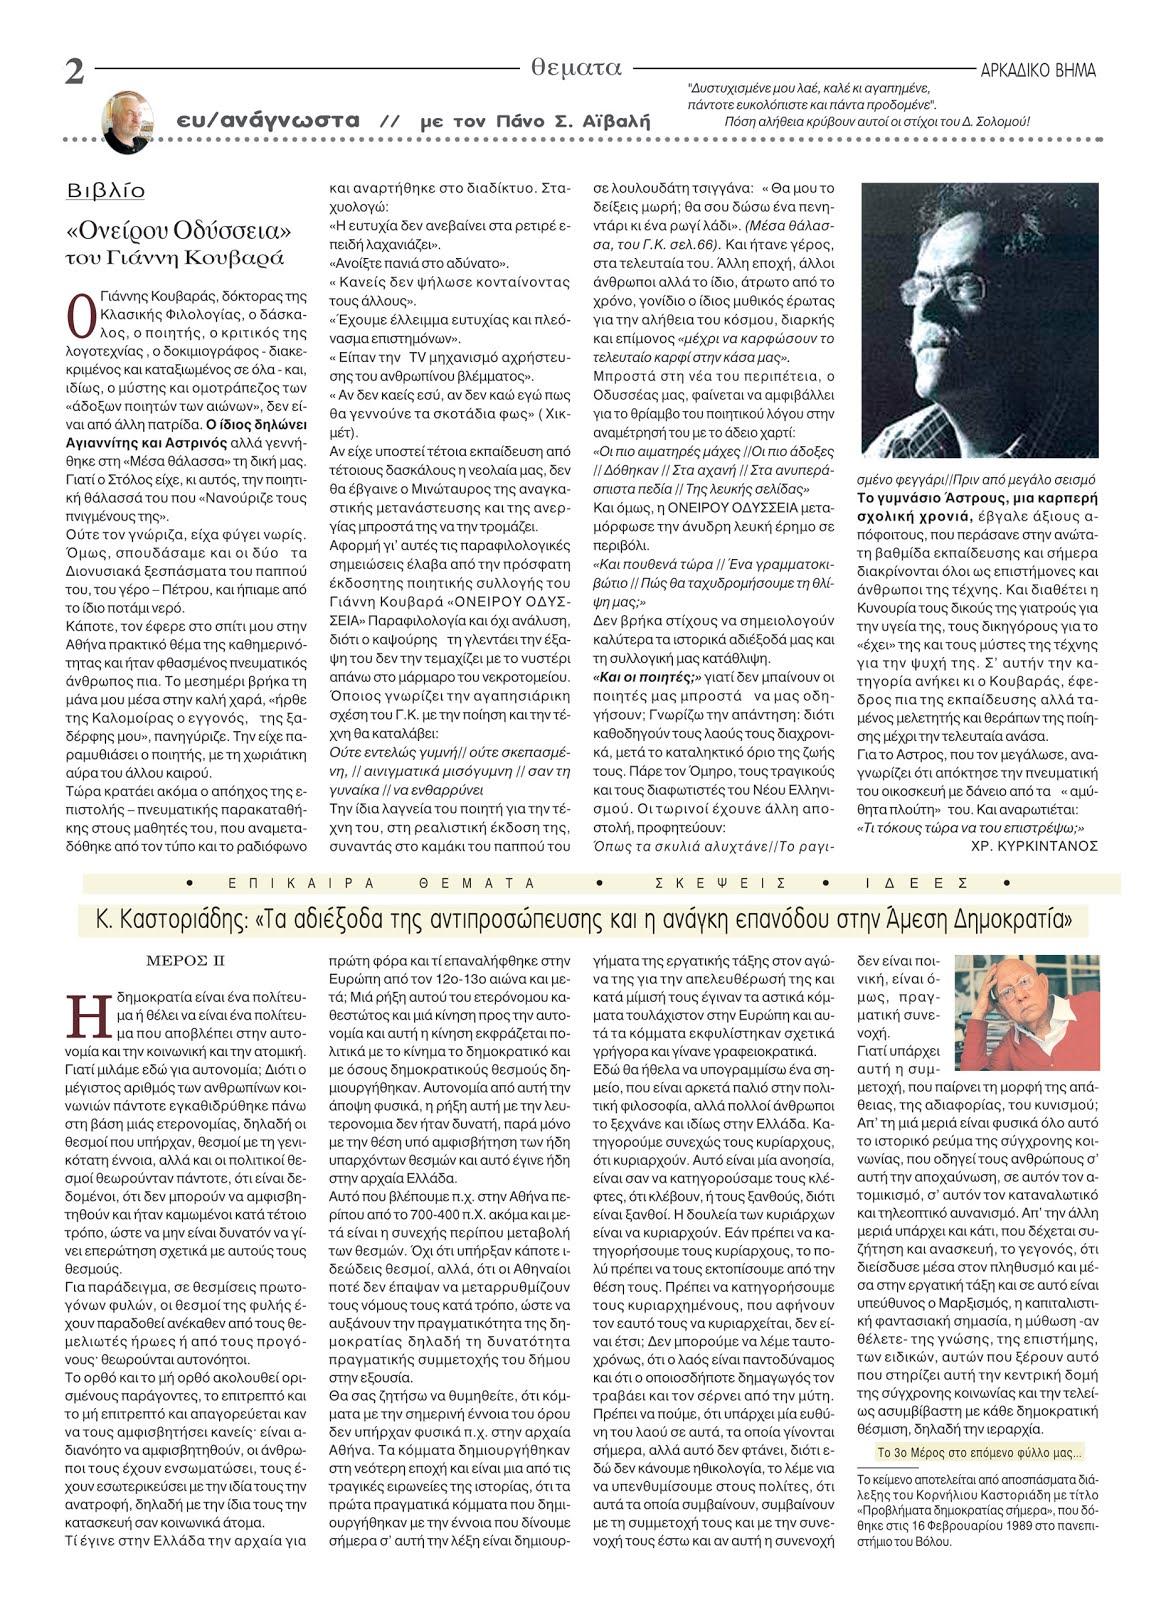 """Εφημερίδα Αρκαδικό Βήμα - """"Ονείρου Οδύσσεια"""" του Γιάννη Κουβαρά"""